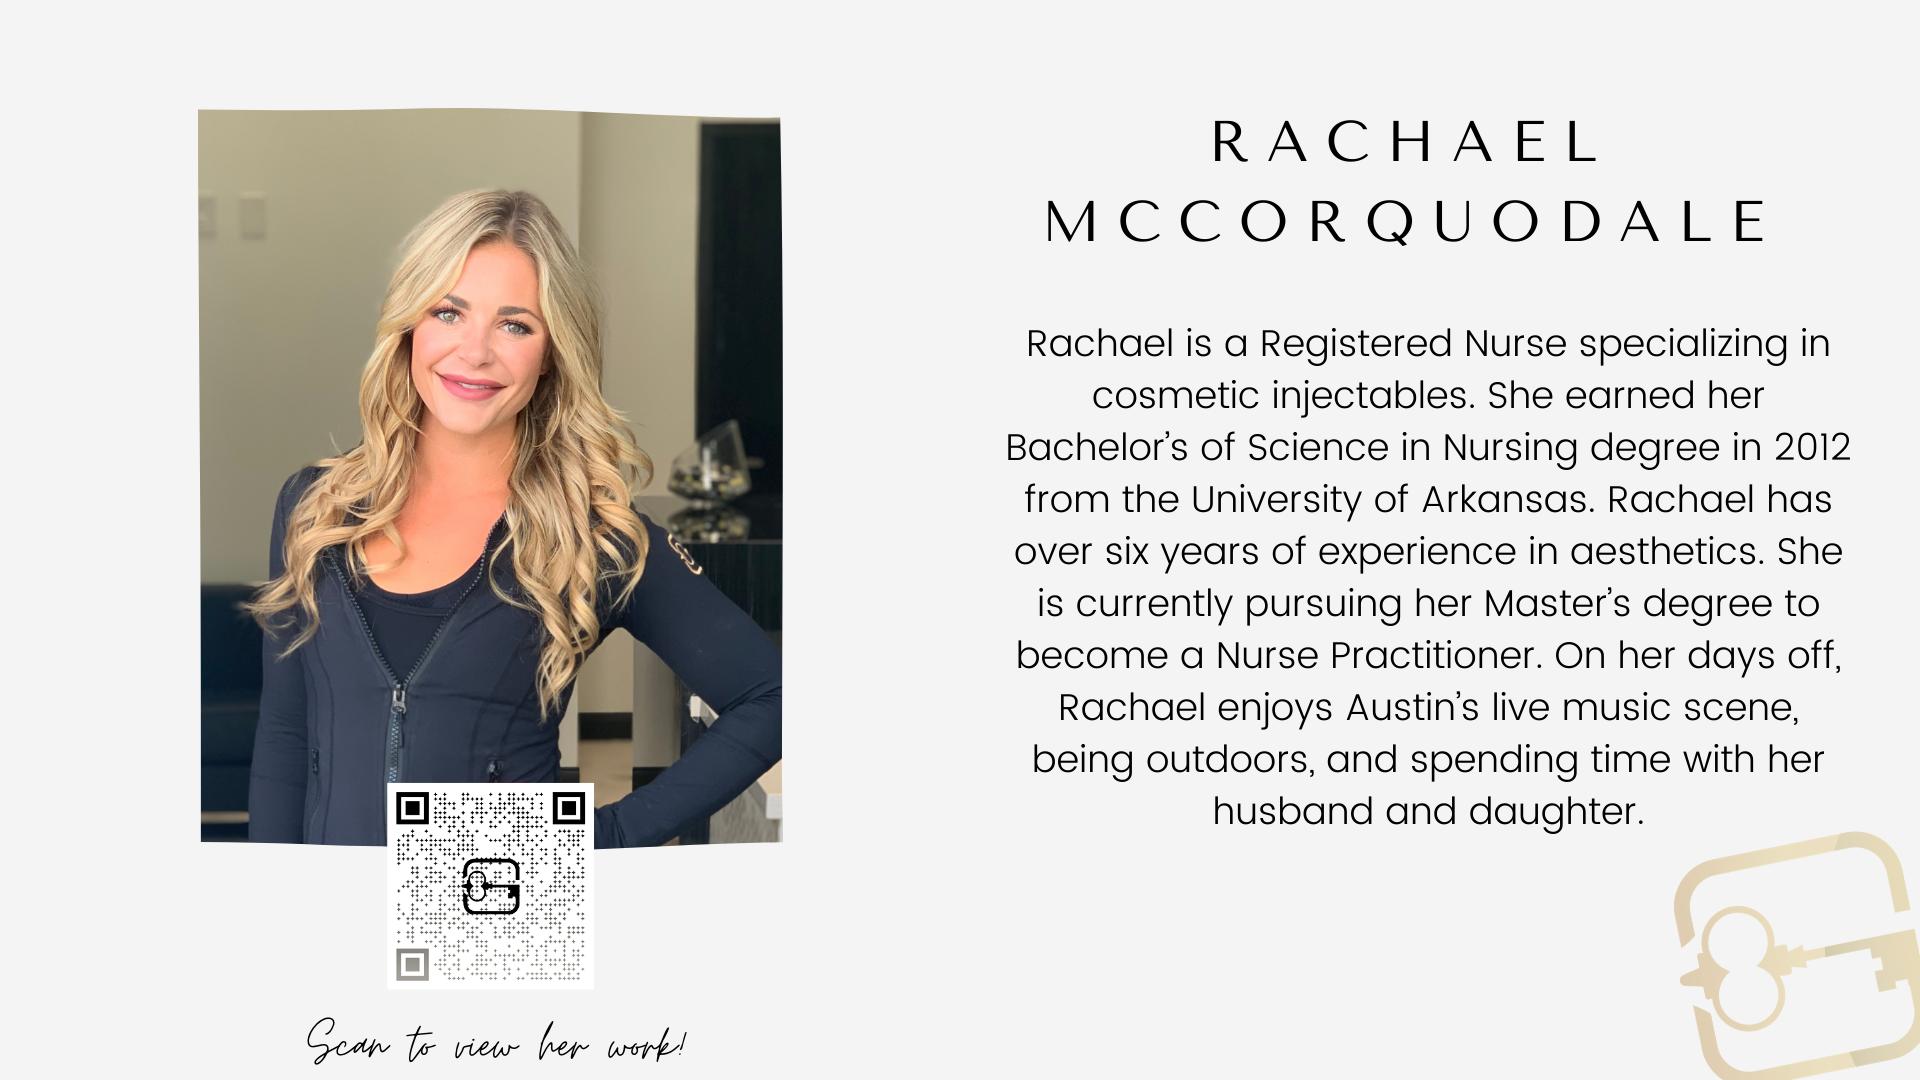 Rachael McCorquodale